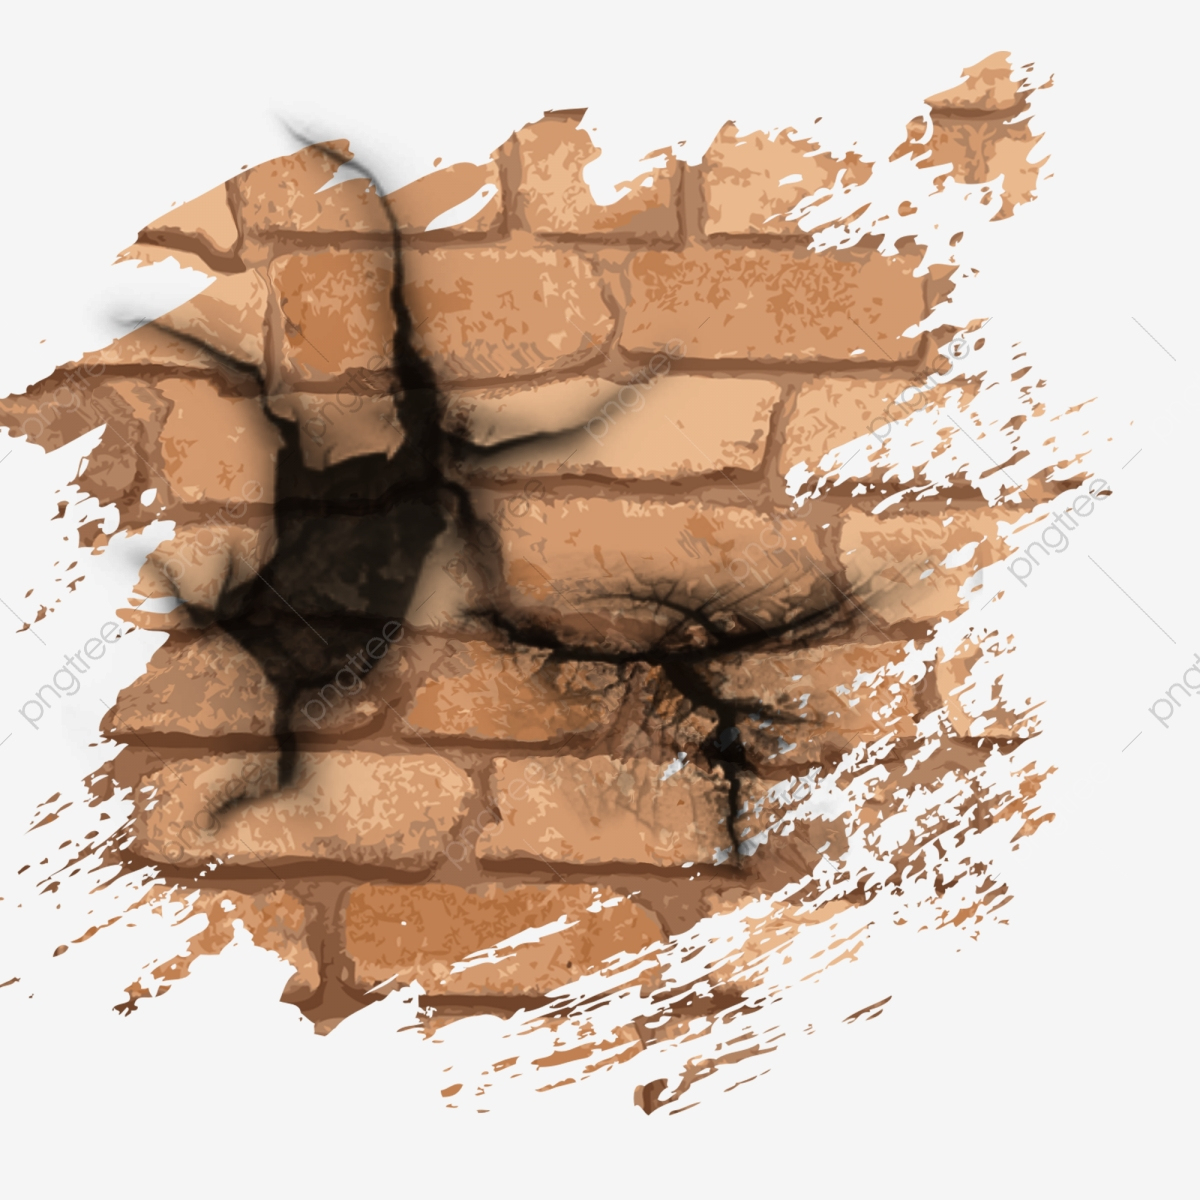 Mur De Brique Rupture Mur Effet, Cassé, Fissure, Mur Fichier encequiconcerne Casse Brique En Ligne